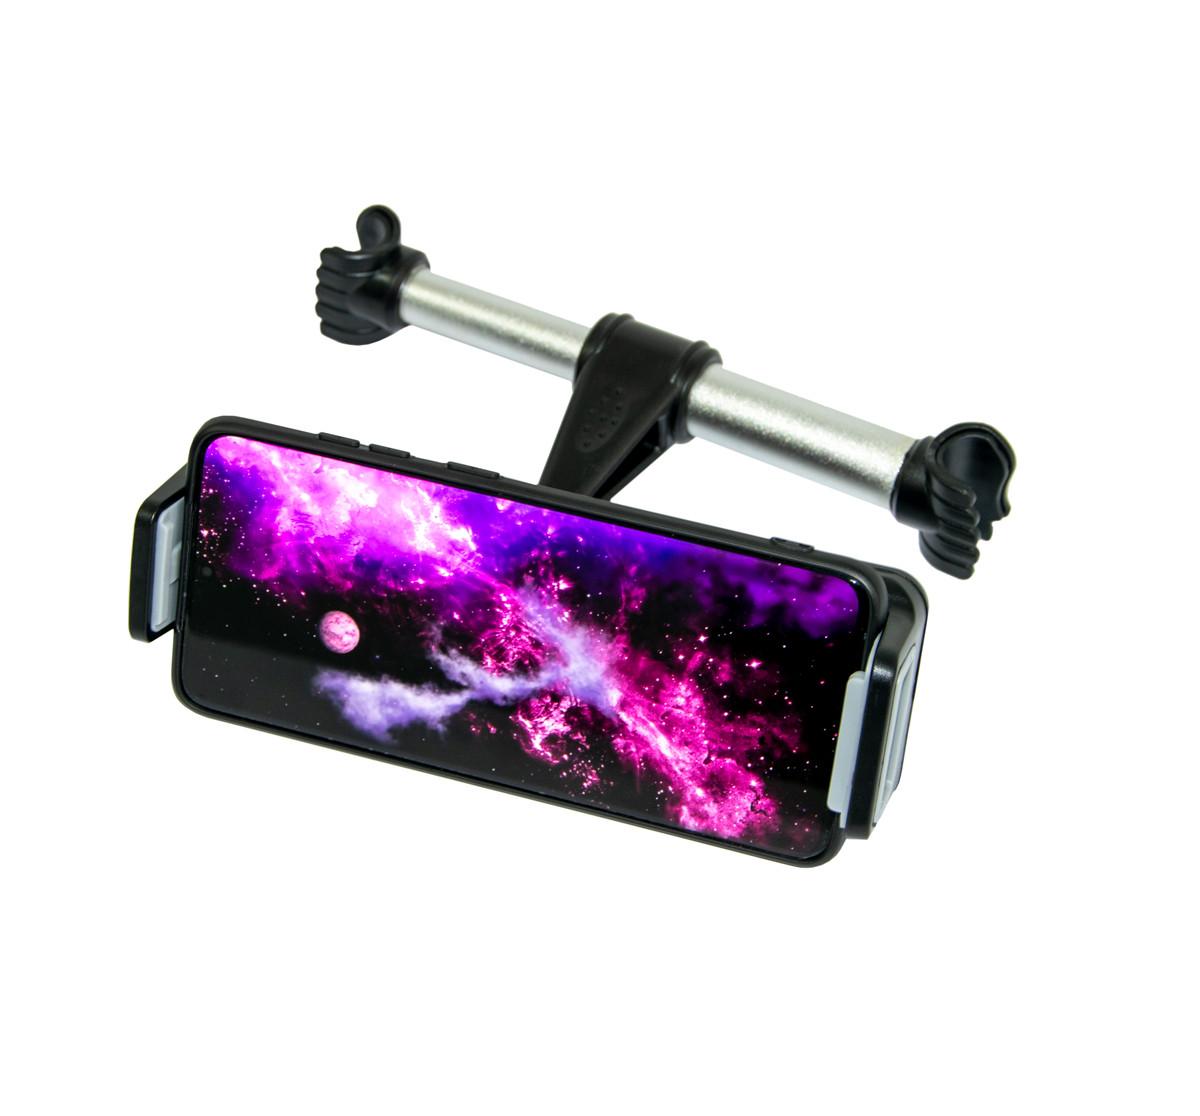 Тримач для телефону в машину на підголівник, універсальний Car Headrest Mount Holder чорний з сірим